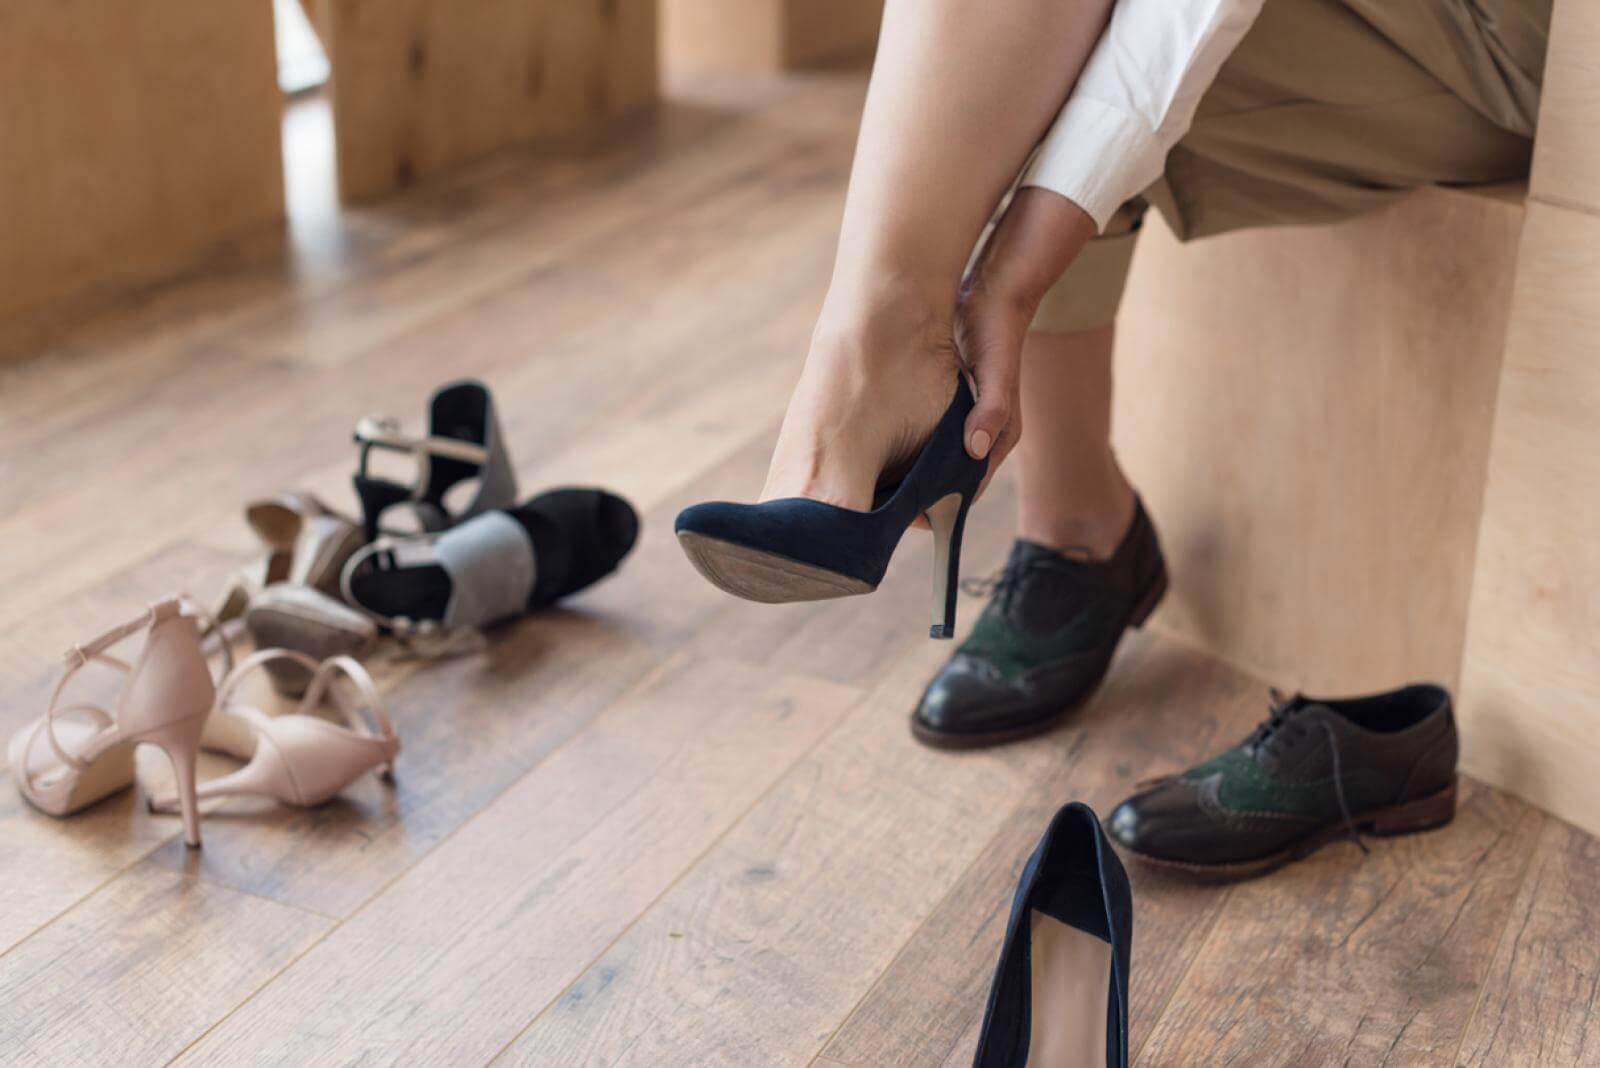 Bőr cipő tágítása - Mit tegyünk, ha szorít a cipő?